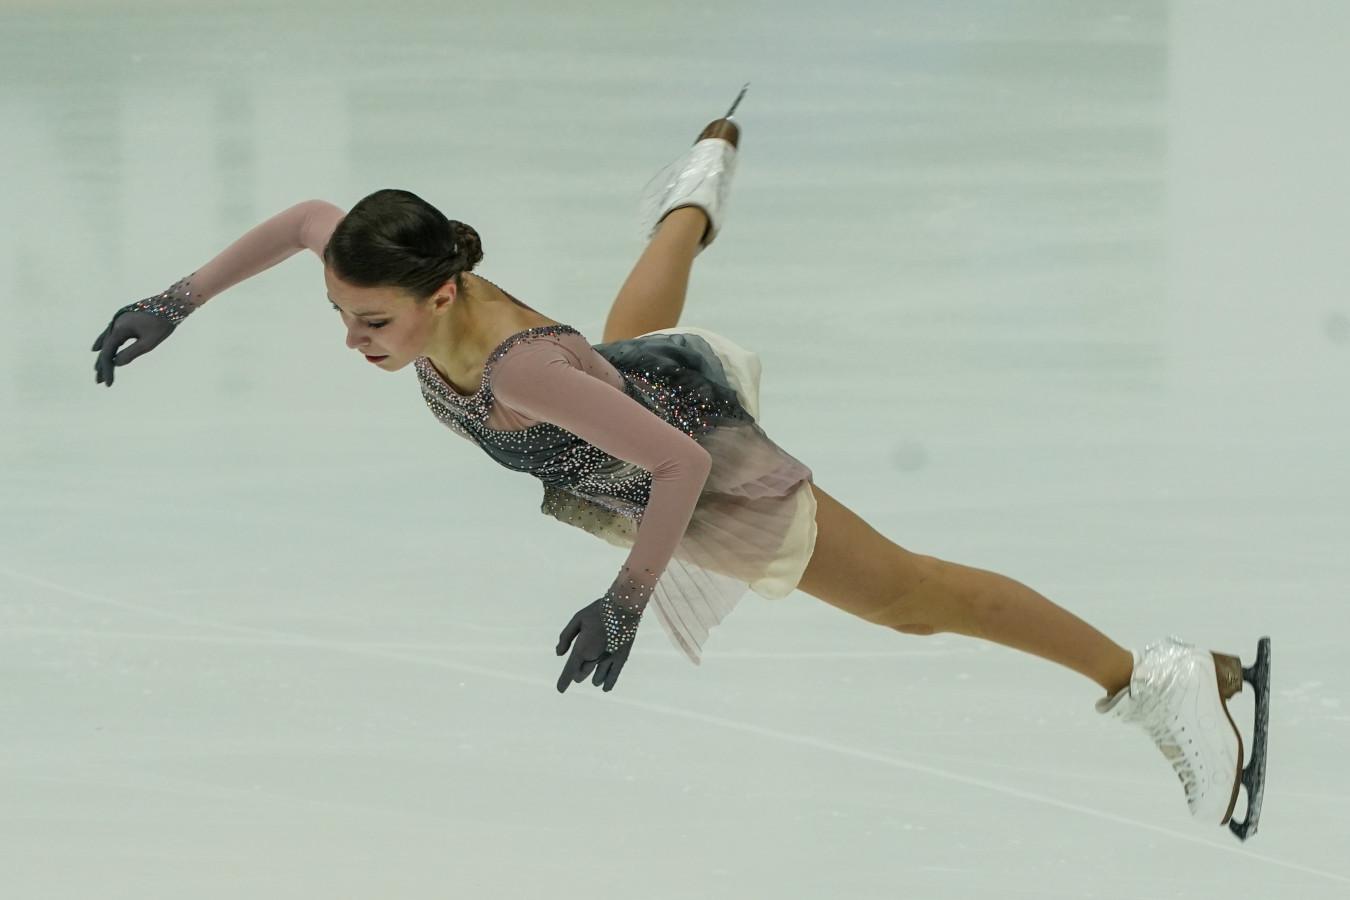 Анна Щербакова четырежды упала на тренировке произвольной программы на ЧМ